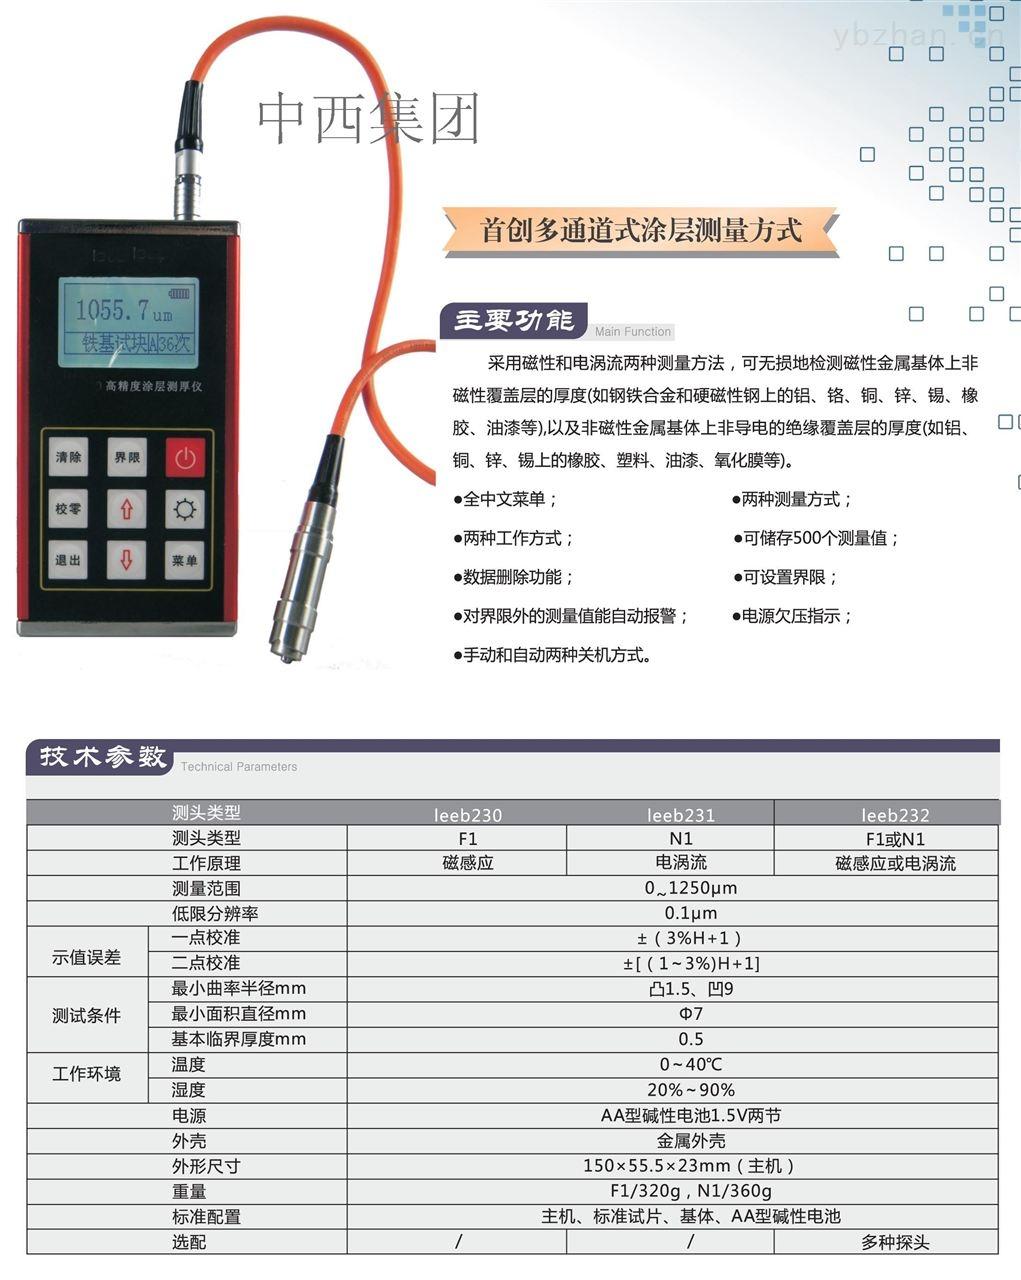 磁性涂镀层测厚仪 型号:RR64-leeb232